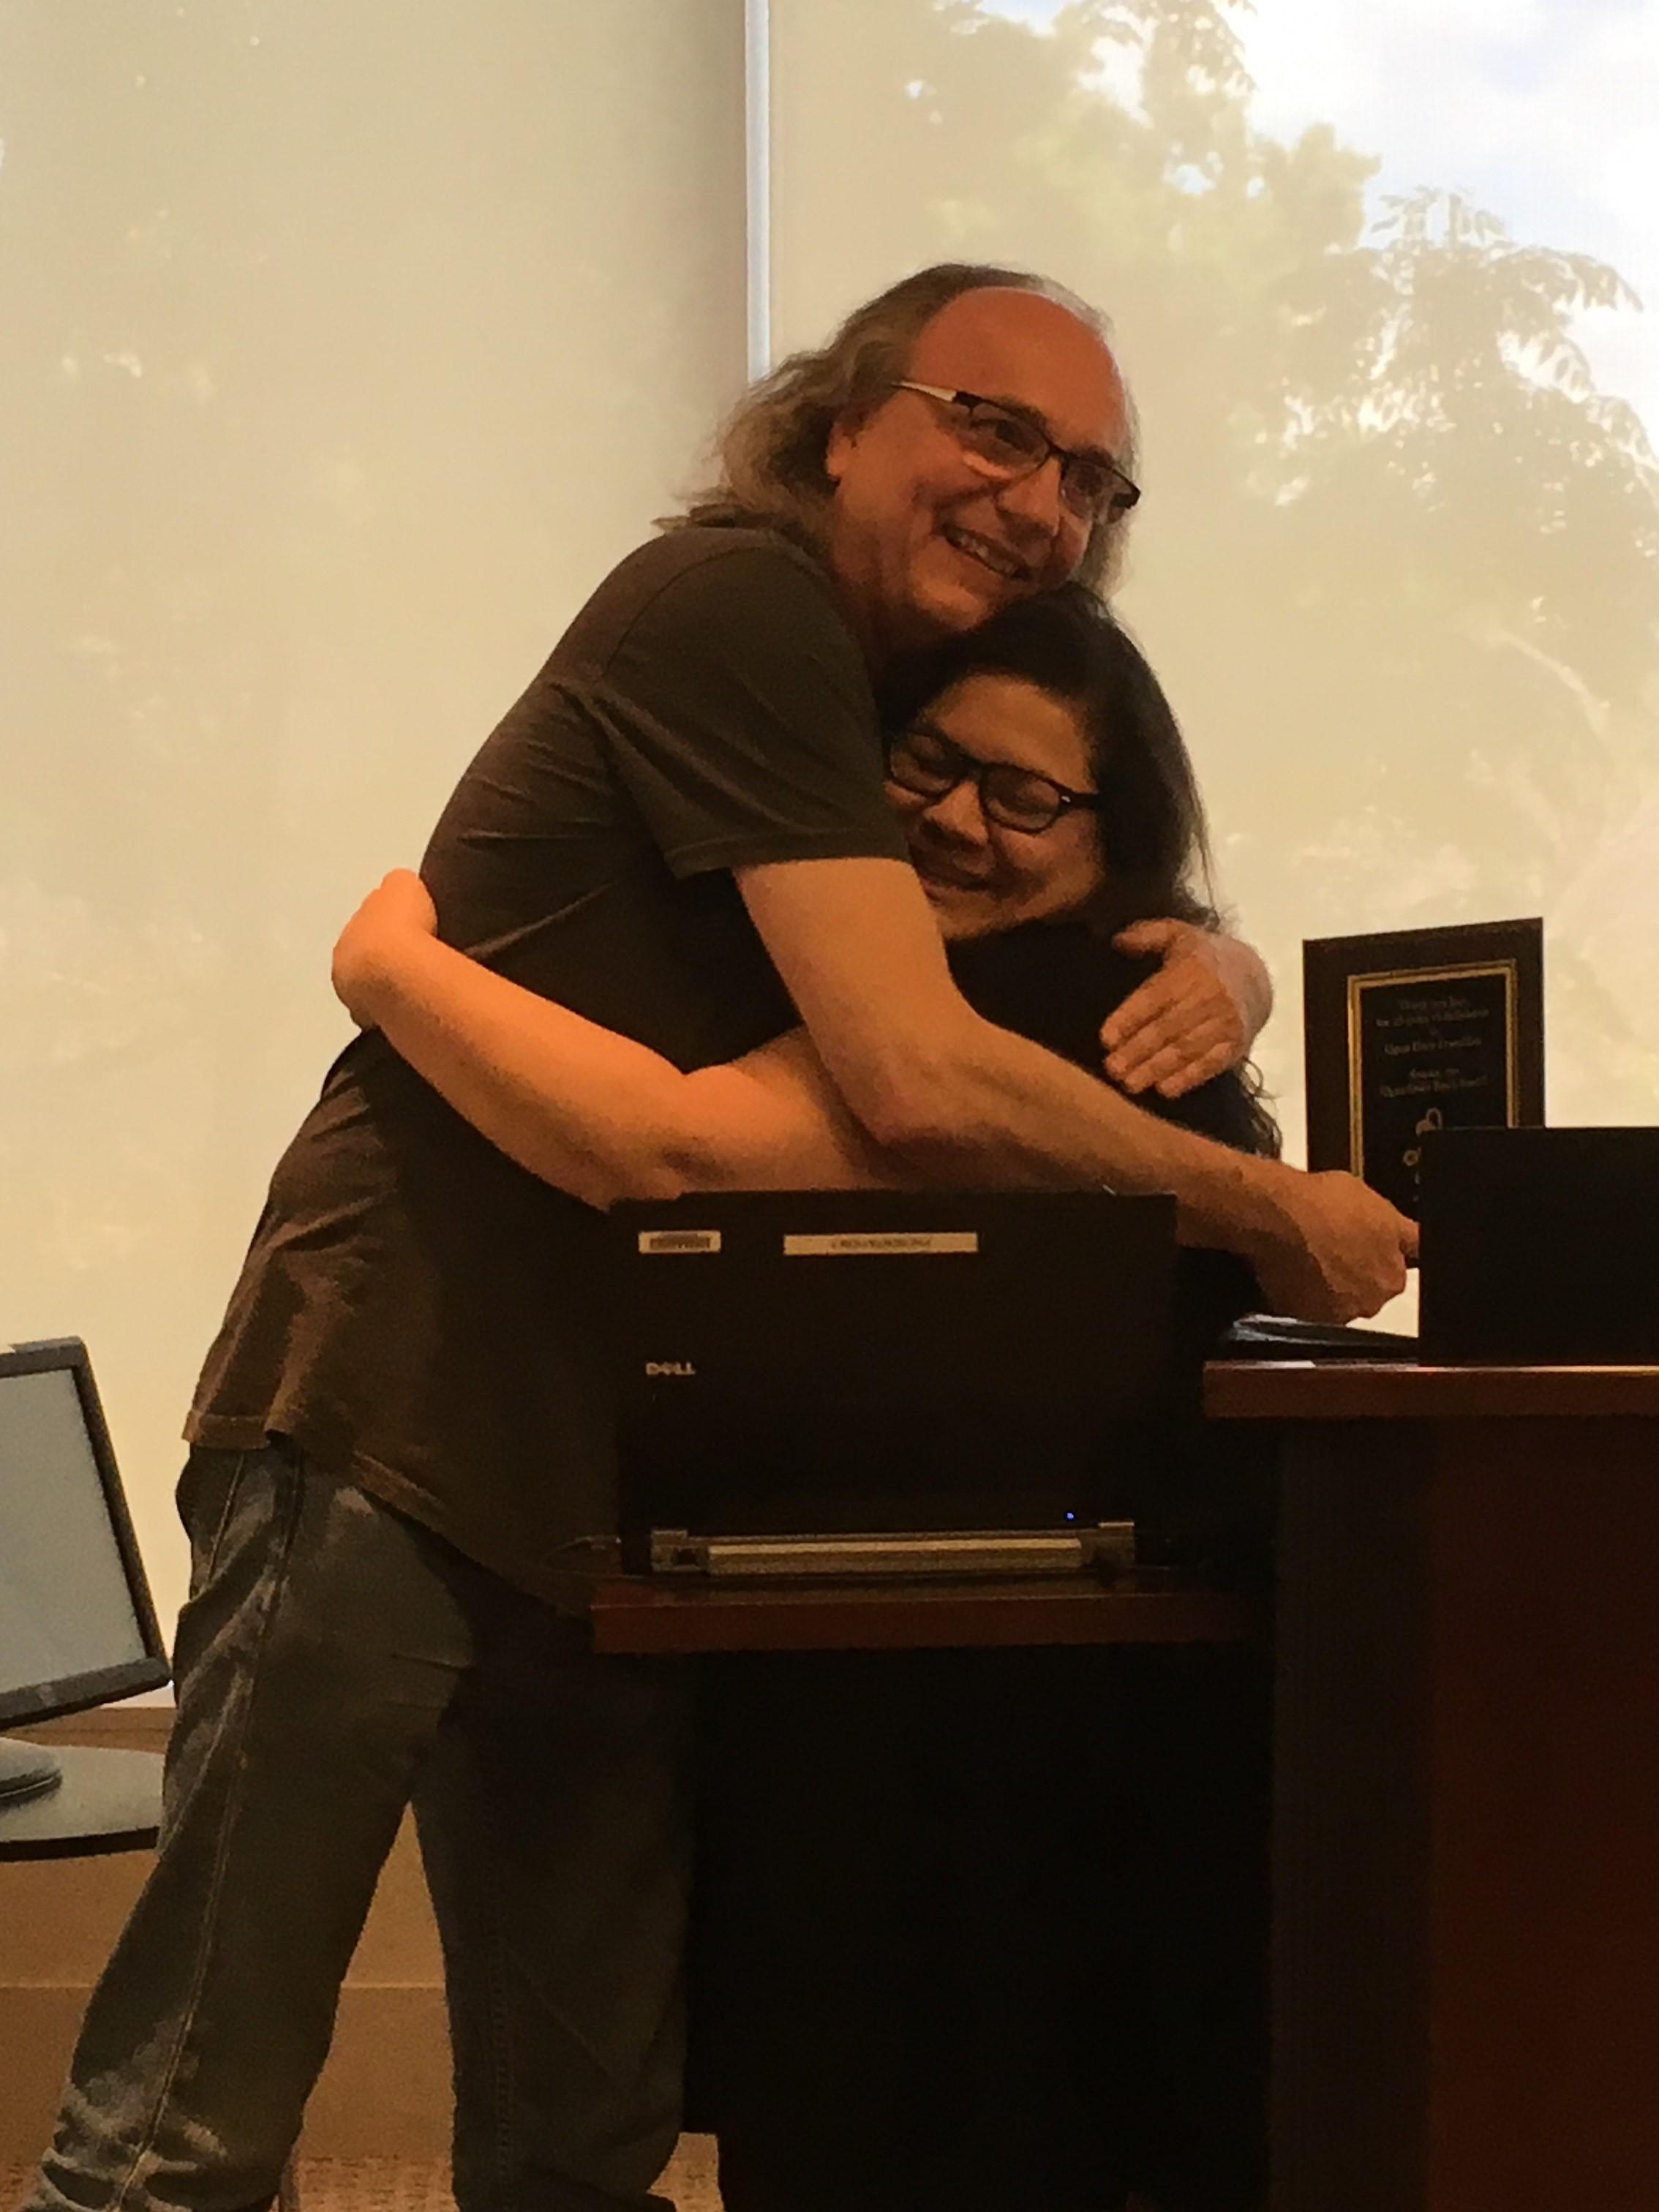 Ken-Missy_Award-Hug.JPG